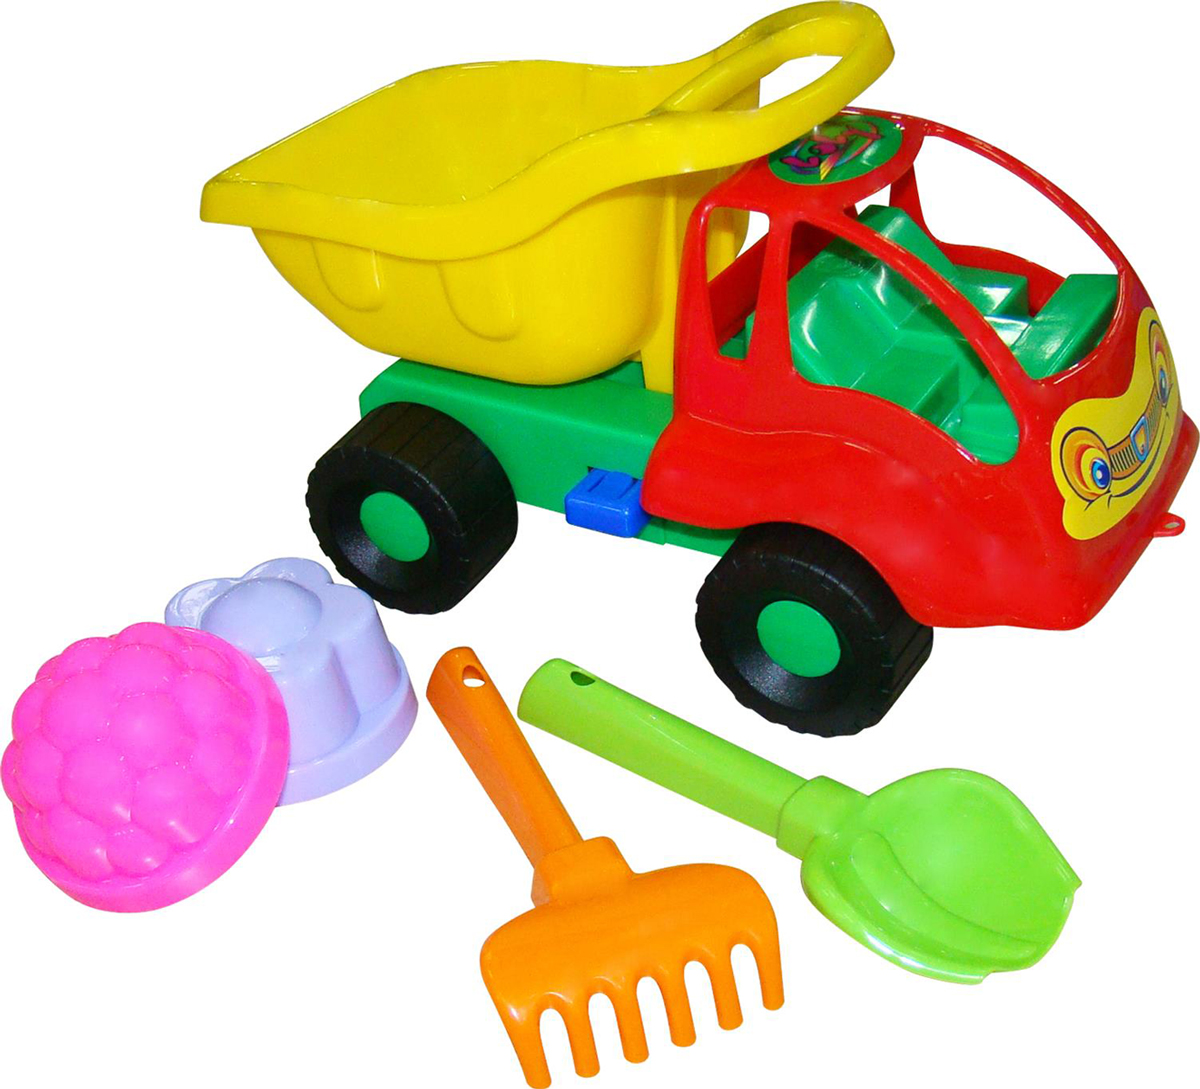 Полесье Набор игрушек для песочницы №58 Муравей полесье набор игрушек для песочницы 73